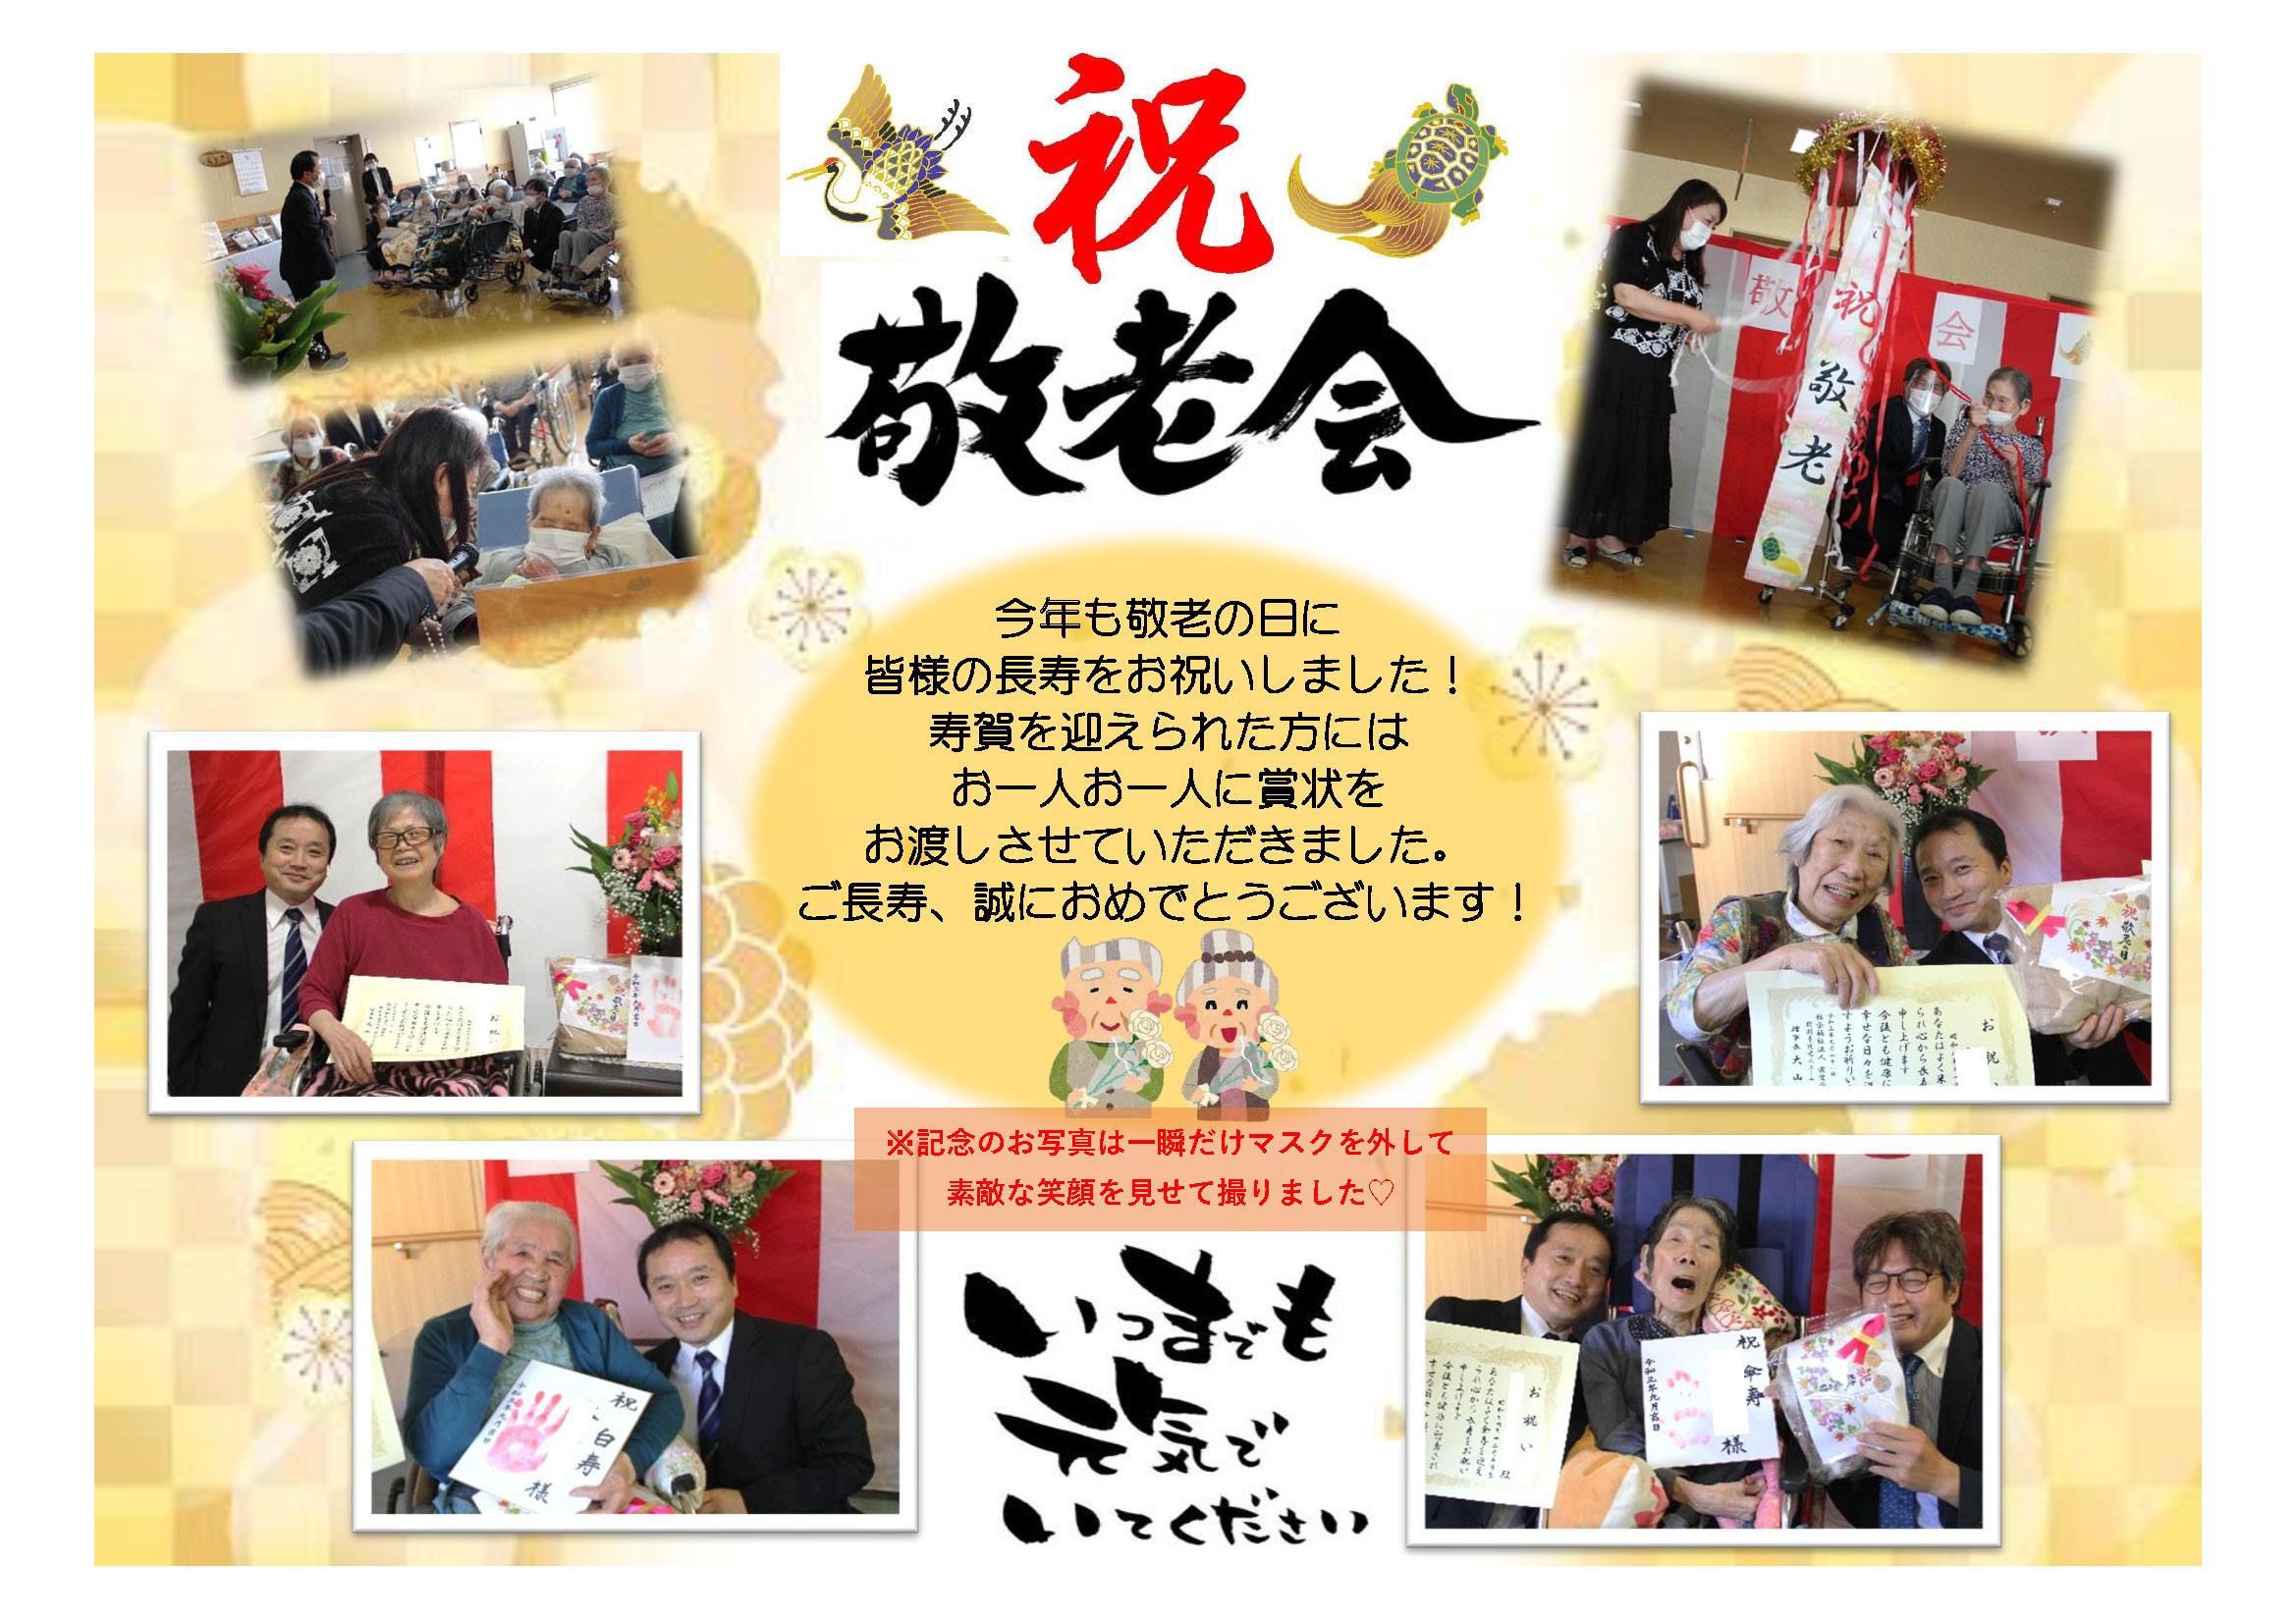 栃木県宇都宮市特別養護老人ホーム_プラザ敬老会20210921HP